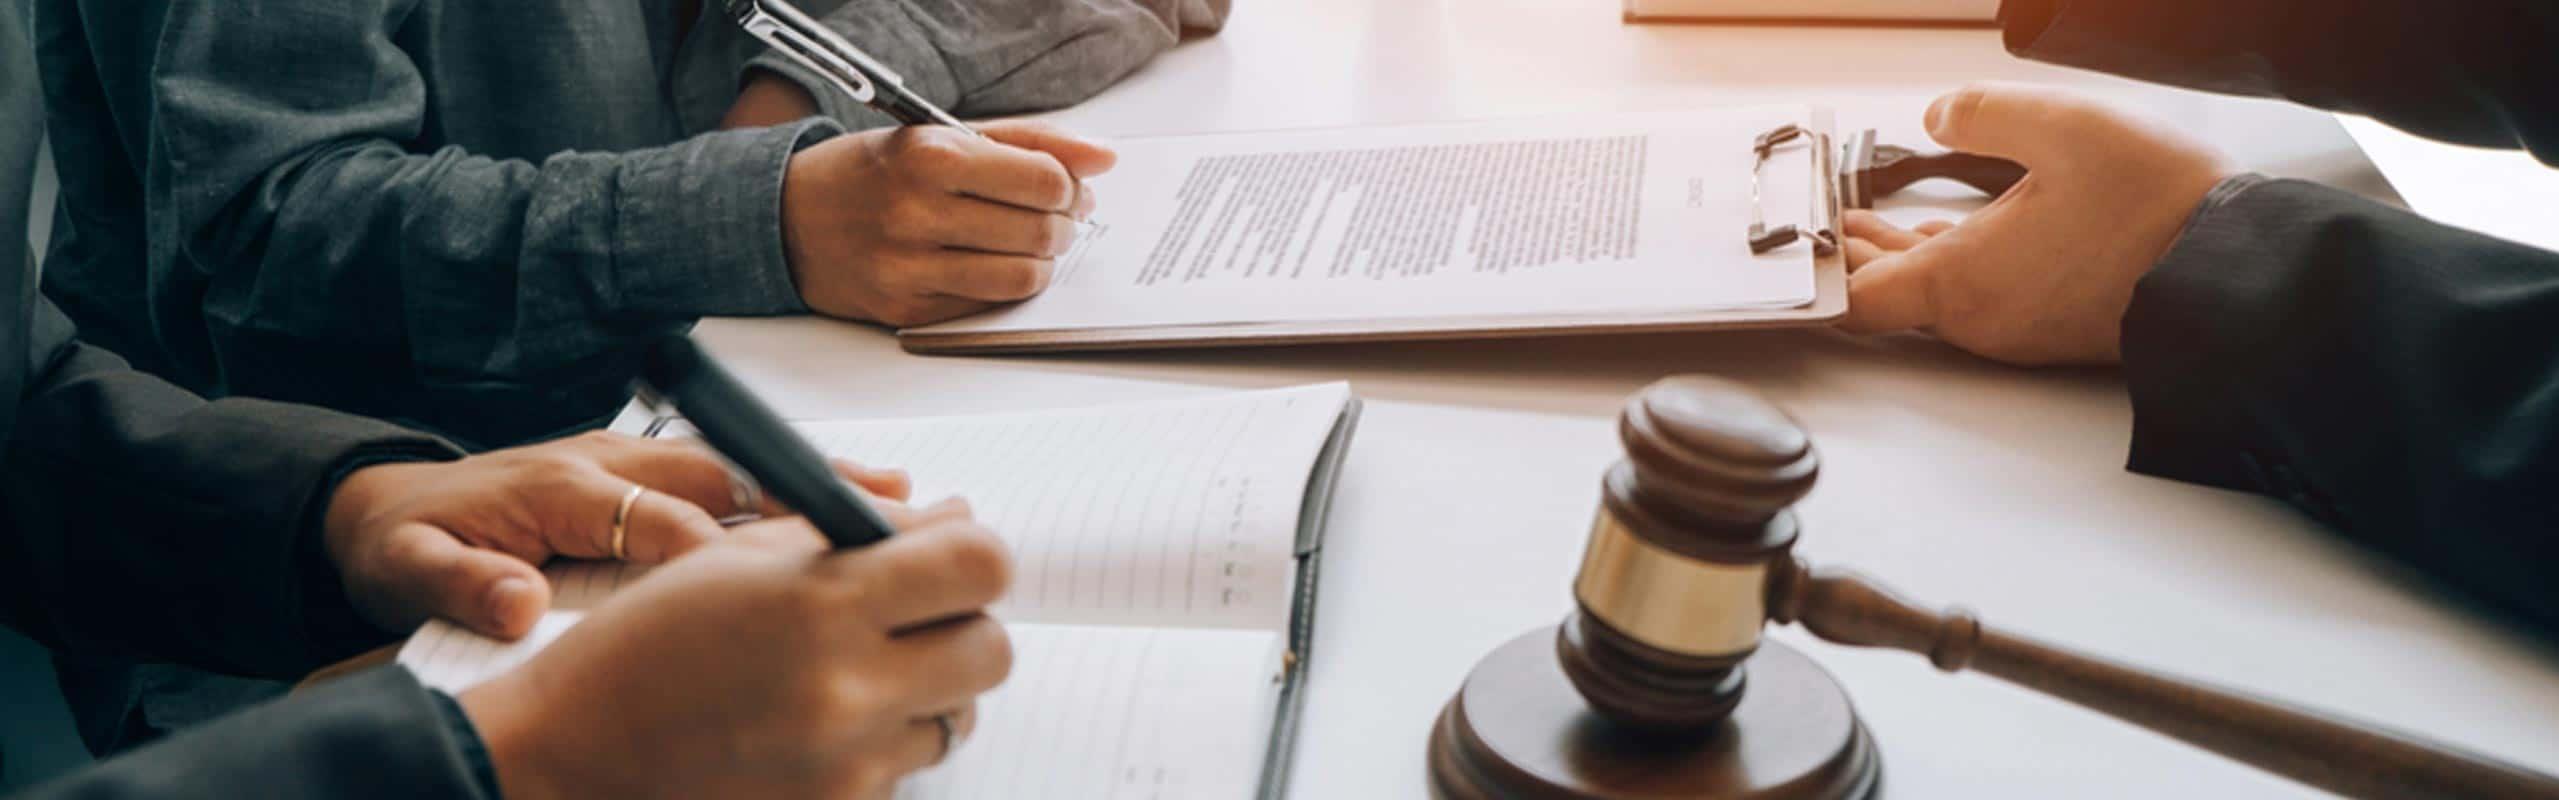 Descubre la confidencialidad y cómo se aplica este concepto en el ámbito jurídico